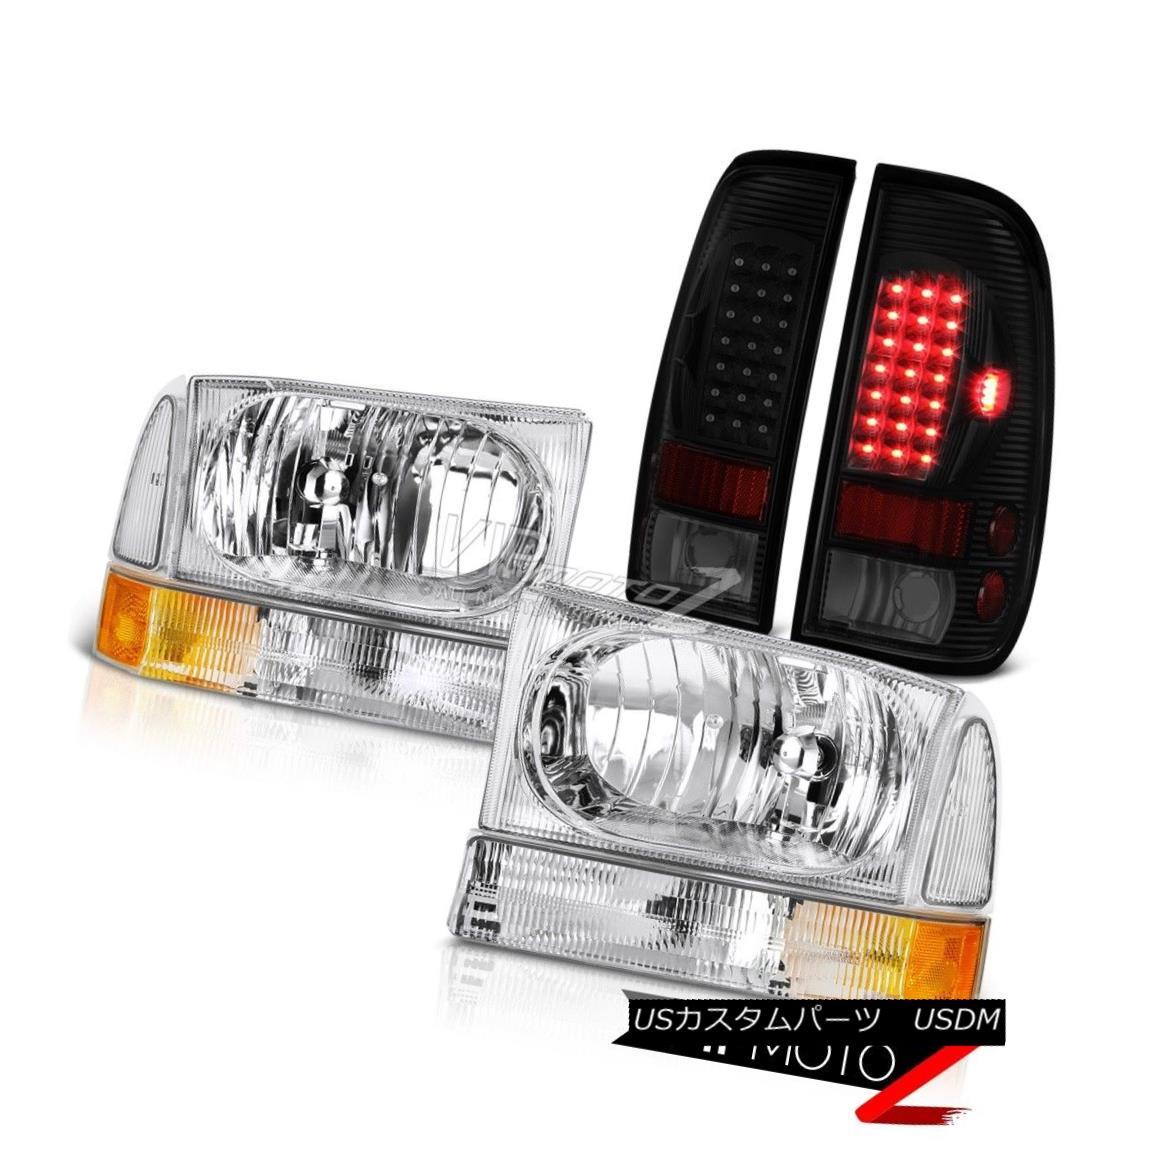 ヘッドライト 99-04 F350 6.0L Sterling Chrome Headlights Smoke Tinted Parking Brake Lights 99-04 F350 6.0Lスターリングクロームヘッドライトスモークティンテッドパーキングブレーキライト